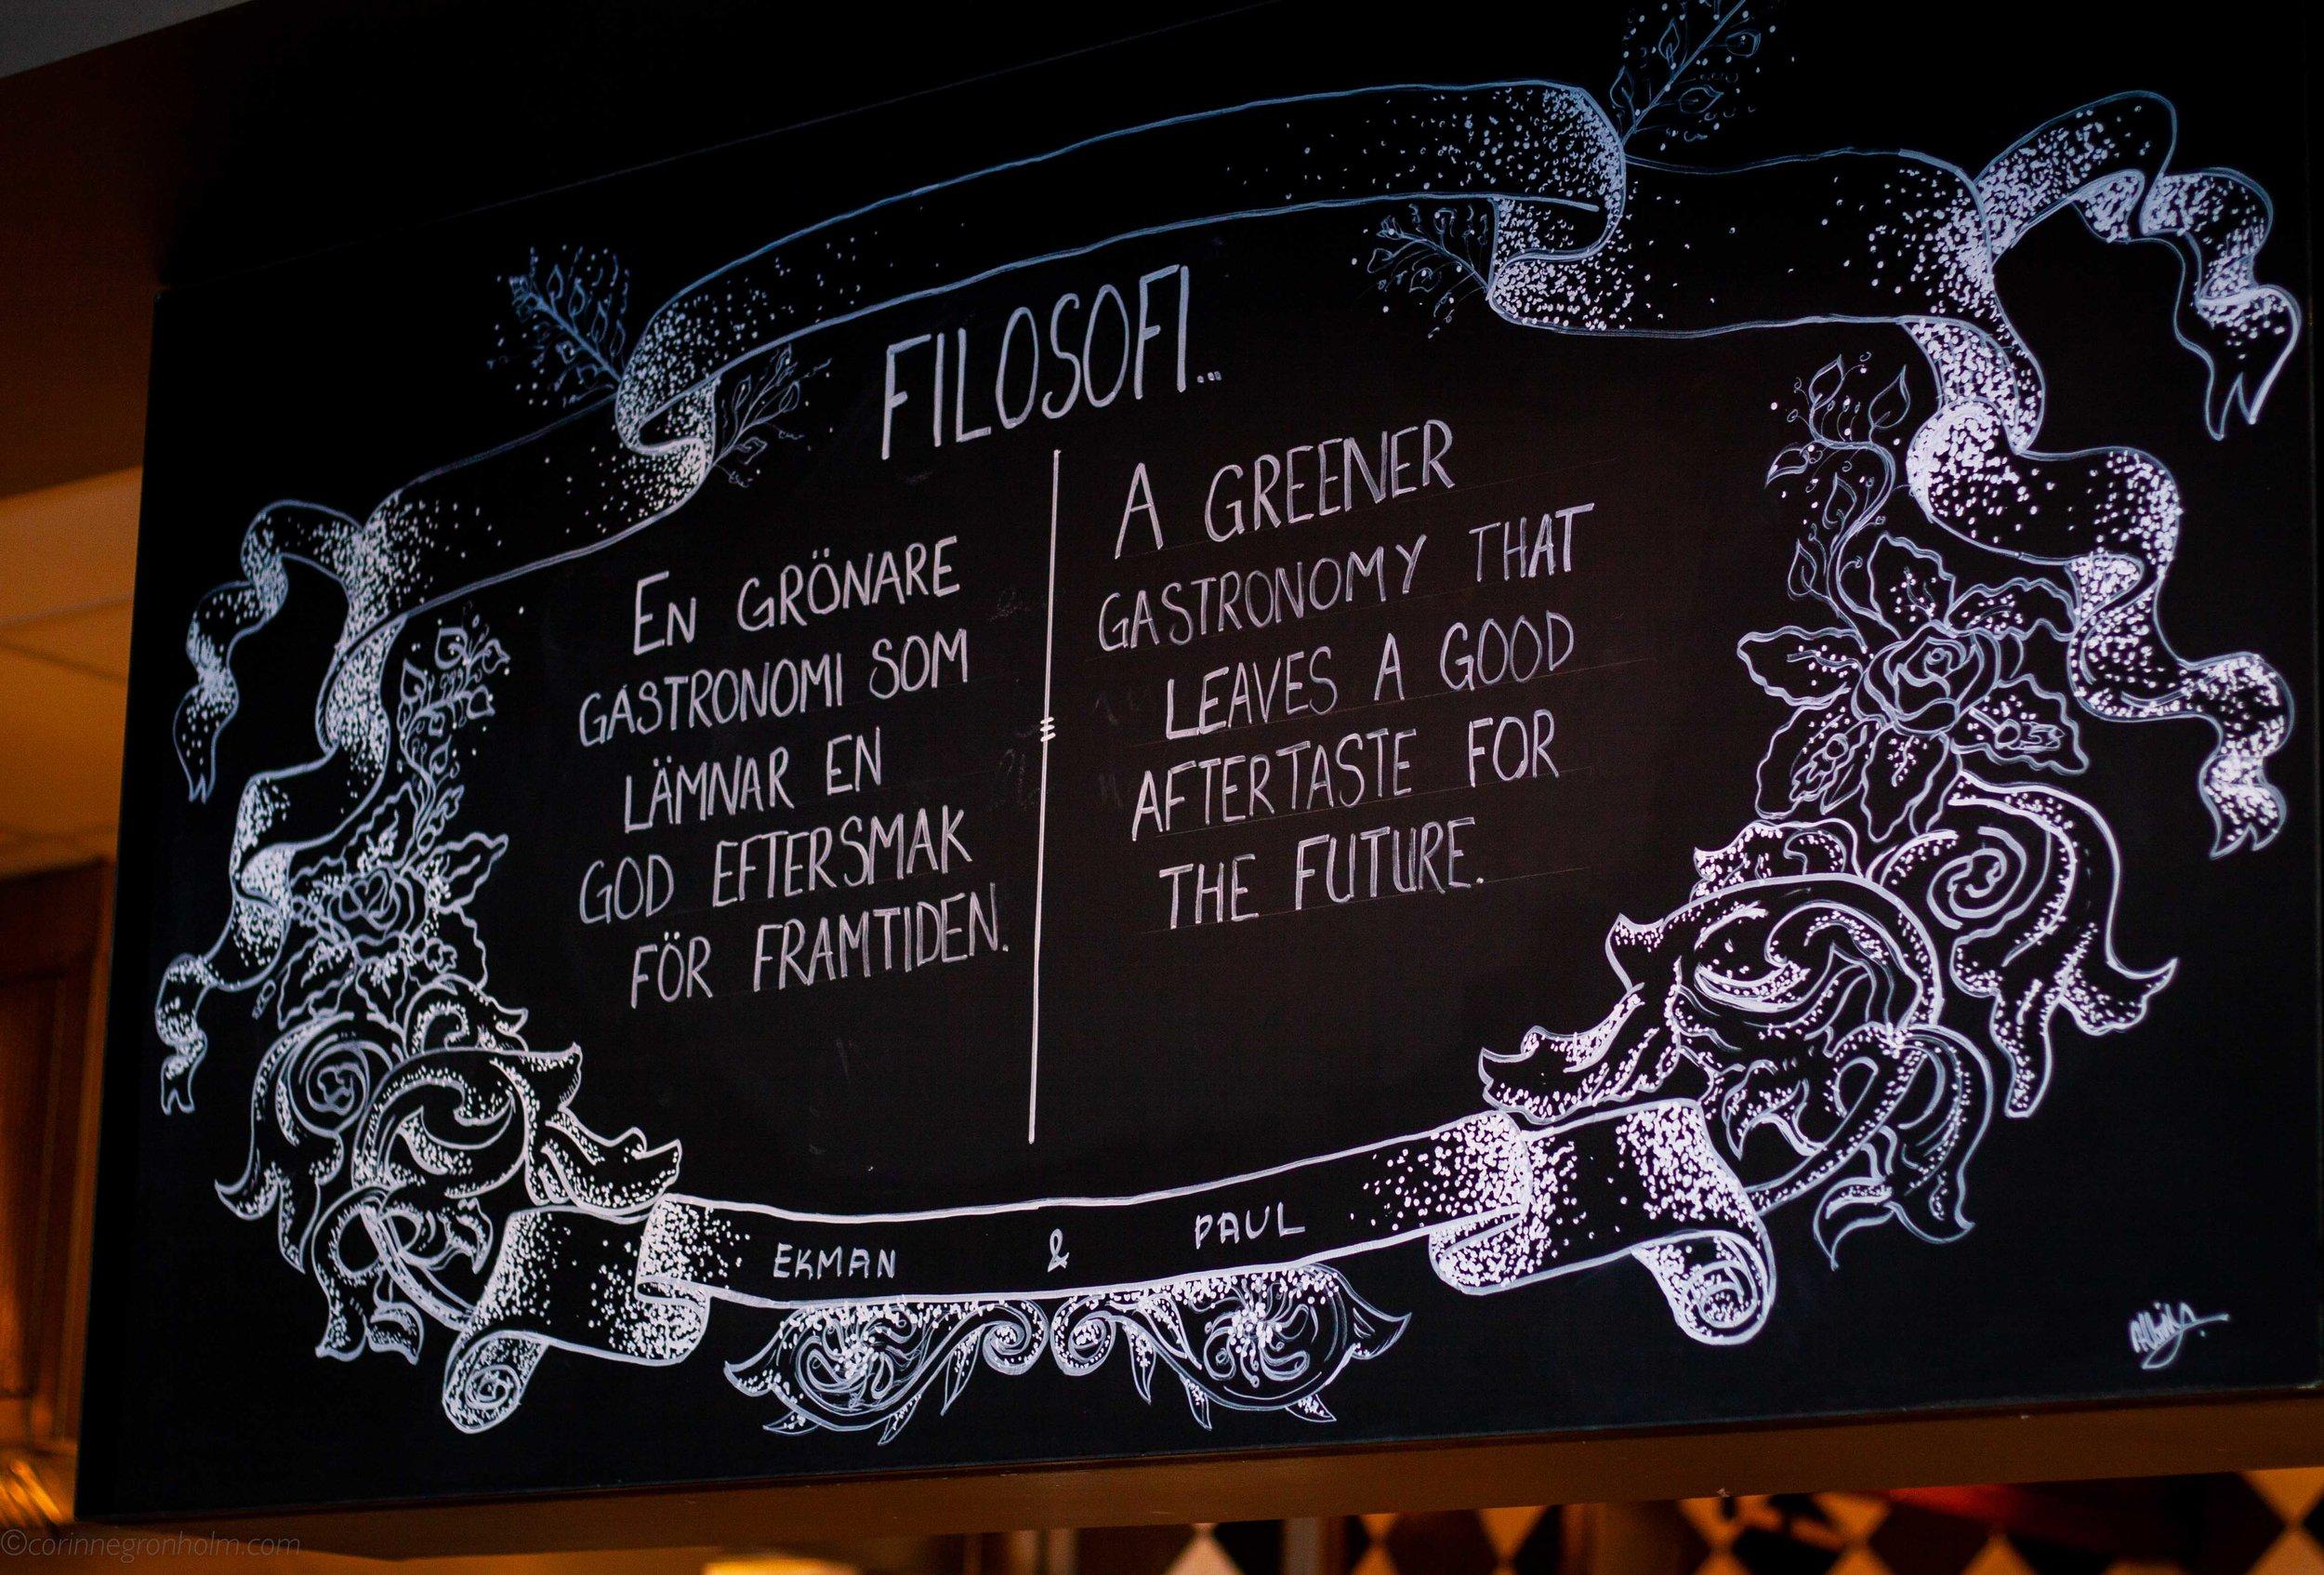 Fotografiskas restaurang hade även öppet på kvällarna och har tydligen fått väldigt mycket positiv kritik av besökare. Har någon av er varit där och ätit? Är det värt ett besök?